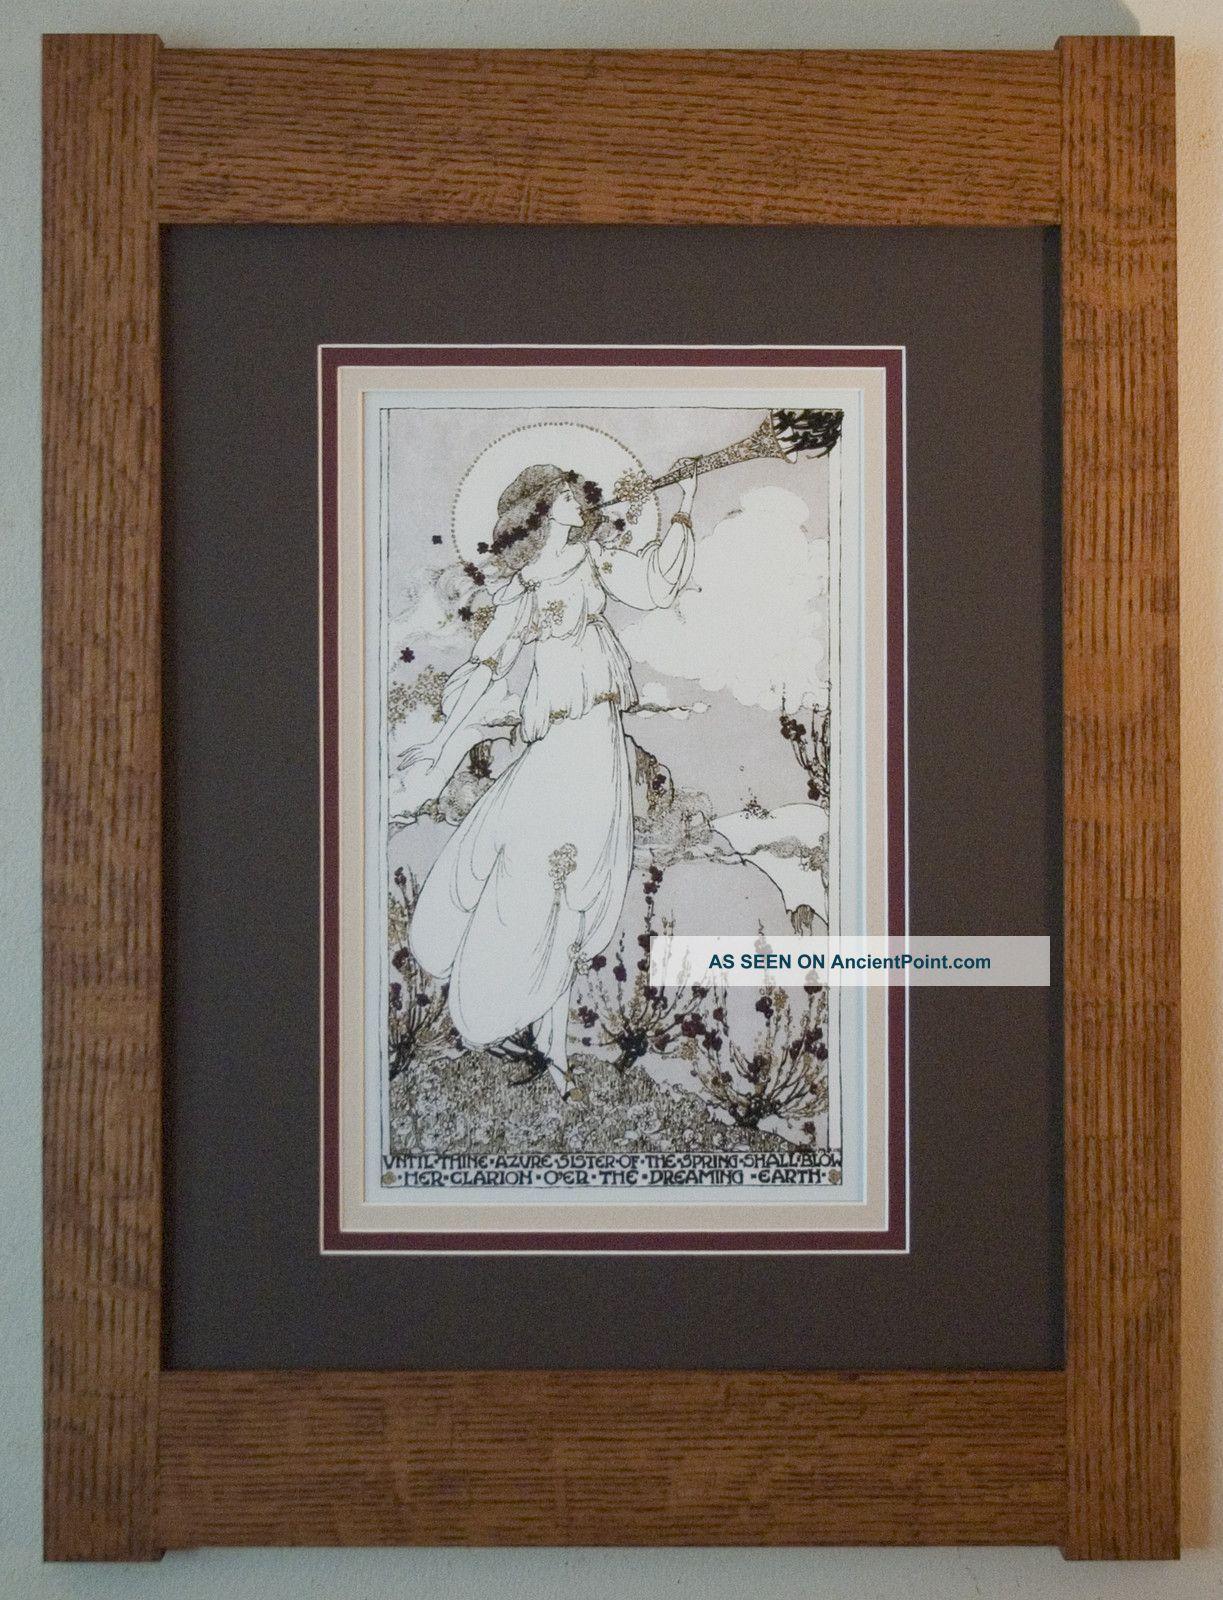 Arts and crafts prints - Arts And Crafts Prints Arts And Crafts Style Prints Mission Style Quartersawn Oak Arts Crafts